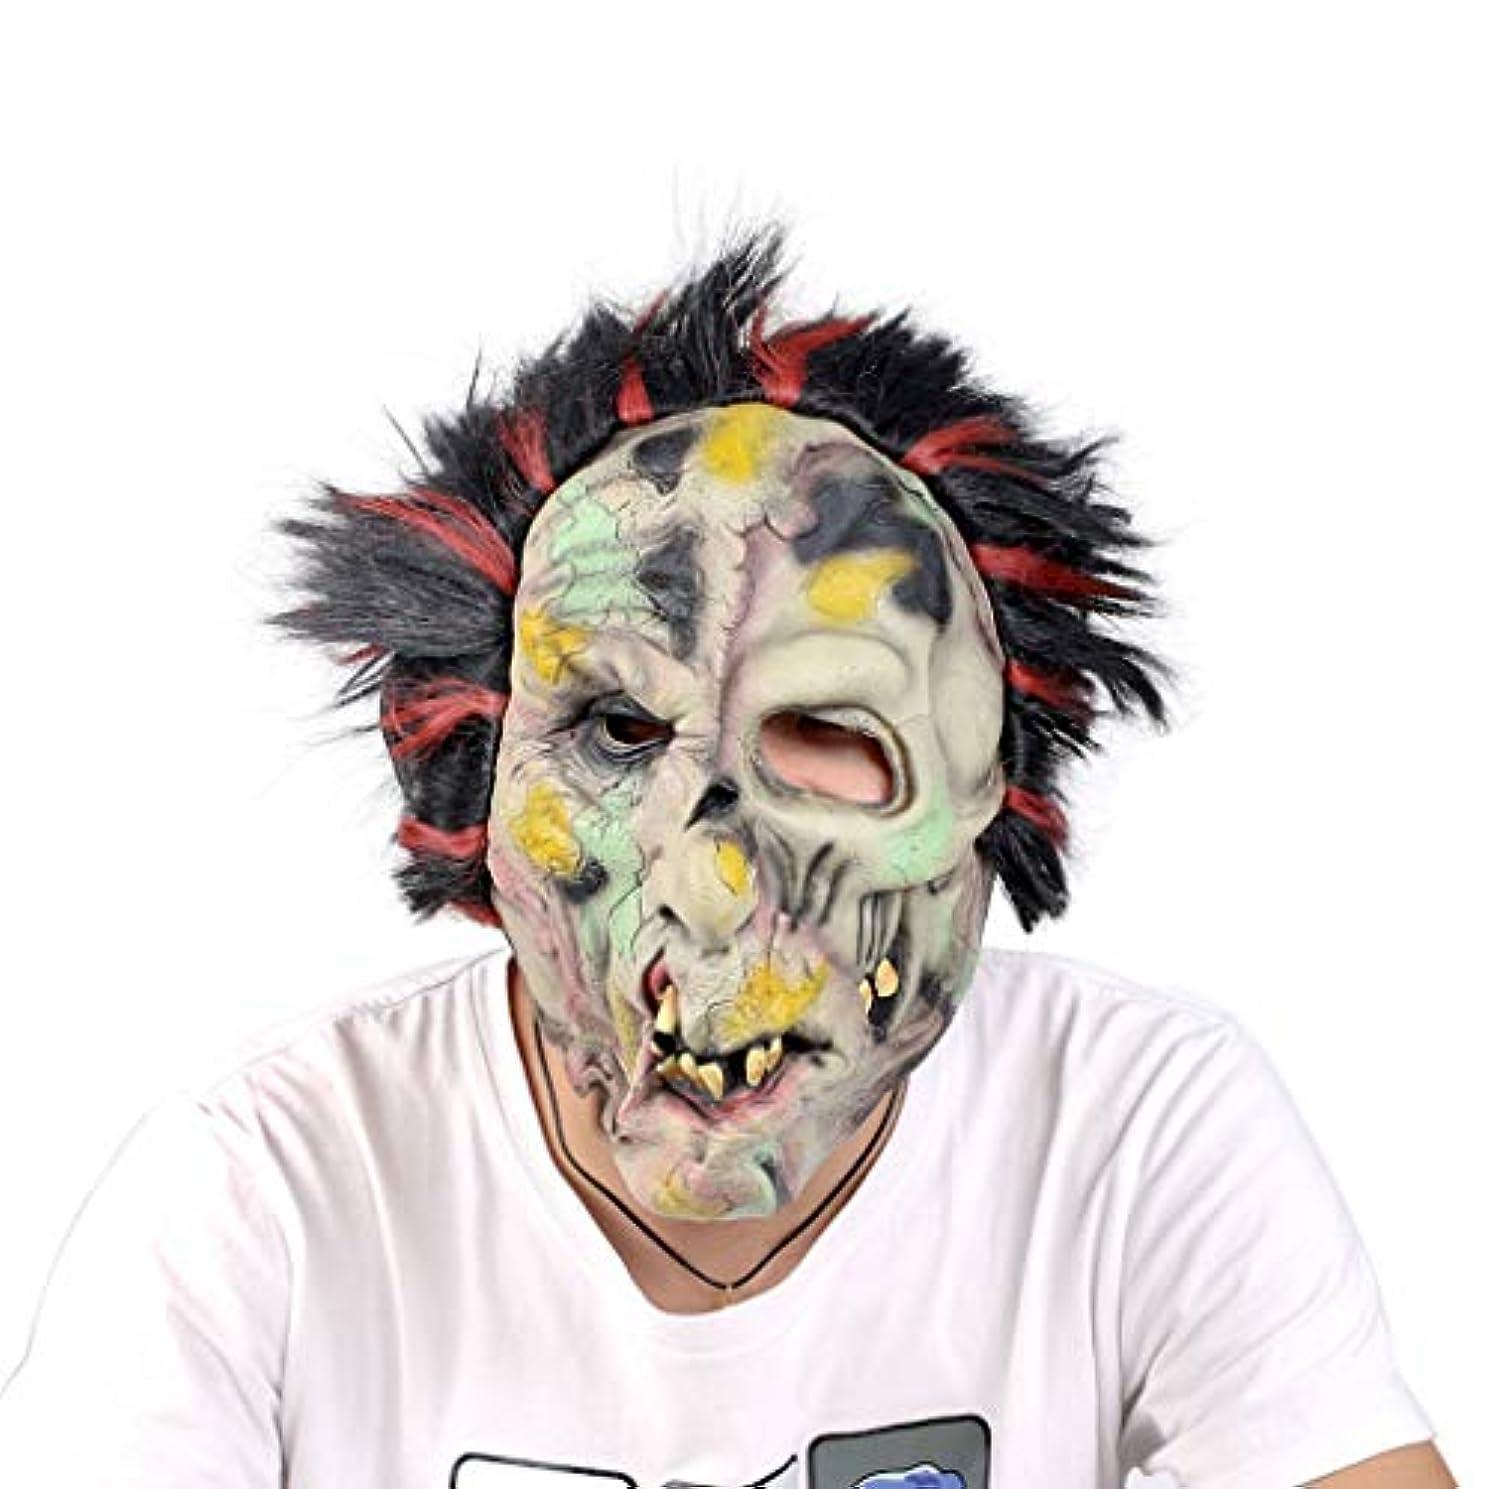 名声キャリア飛行機ハロウィンホラーマスクお化け屋敷秘密の部屋アレンジメントパーティー映画撮影ホラー全体の人々トリッキーな怖いマスク